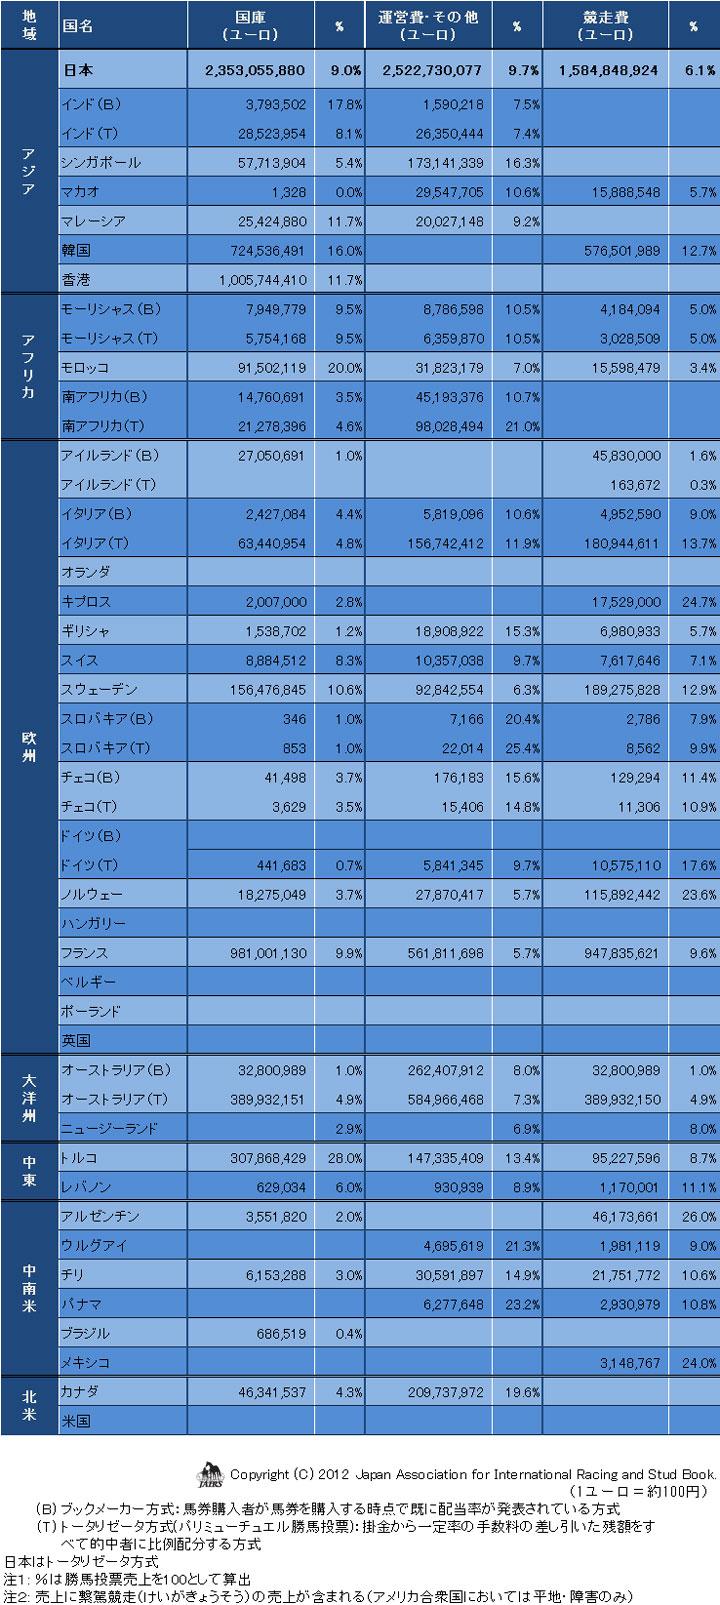 勝馬投票売上と控除率等2011年-02